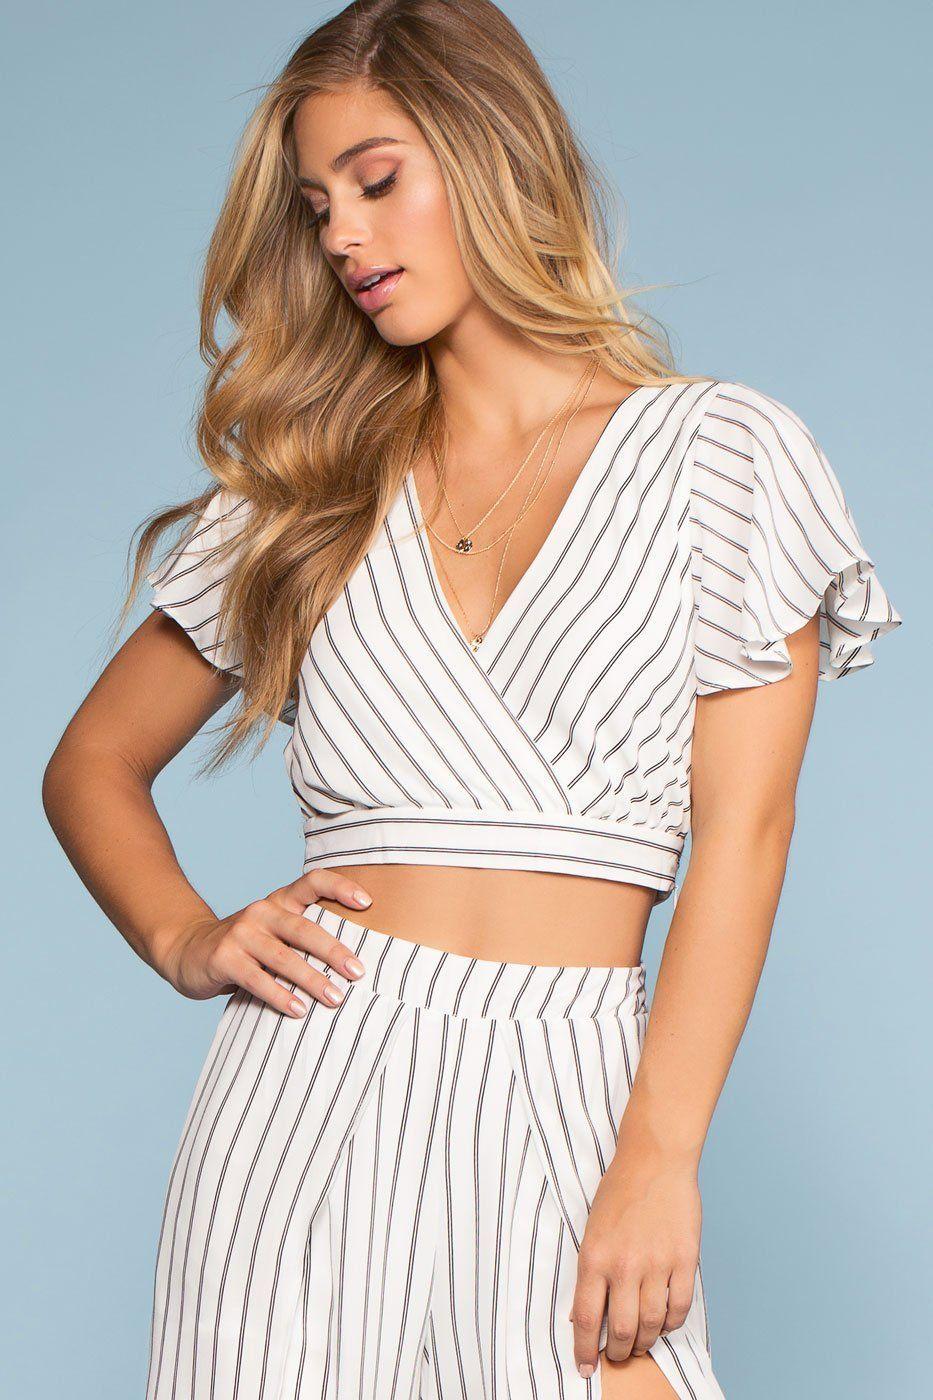 fa90ecc3ca0e1 Take It Breezy Striped Wrap Top Culotte Pants